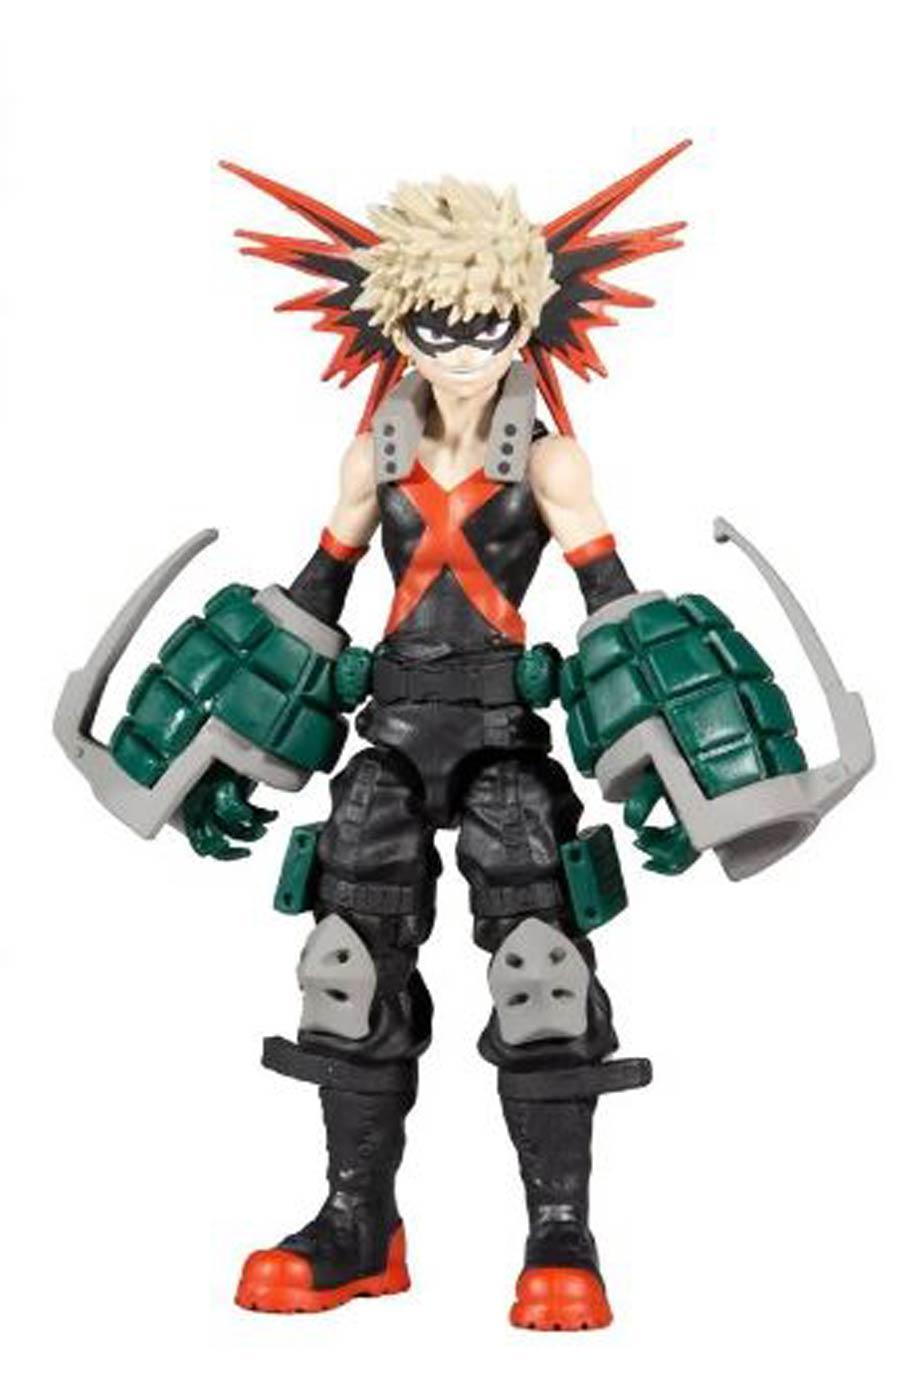 My Hero Academia 5-Inch Action Figure Wave 1 Katsuki Bakugo Action Figure